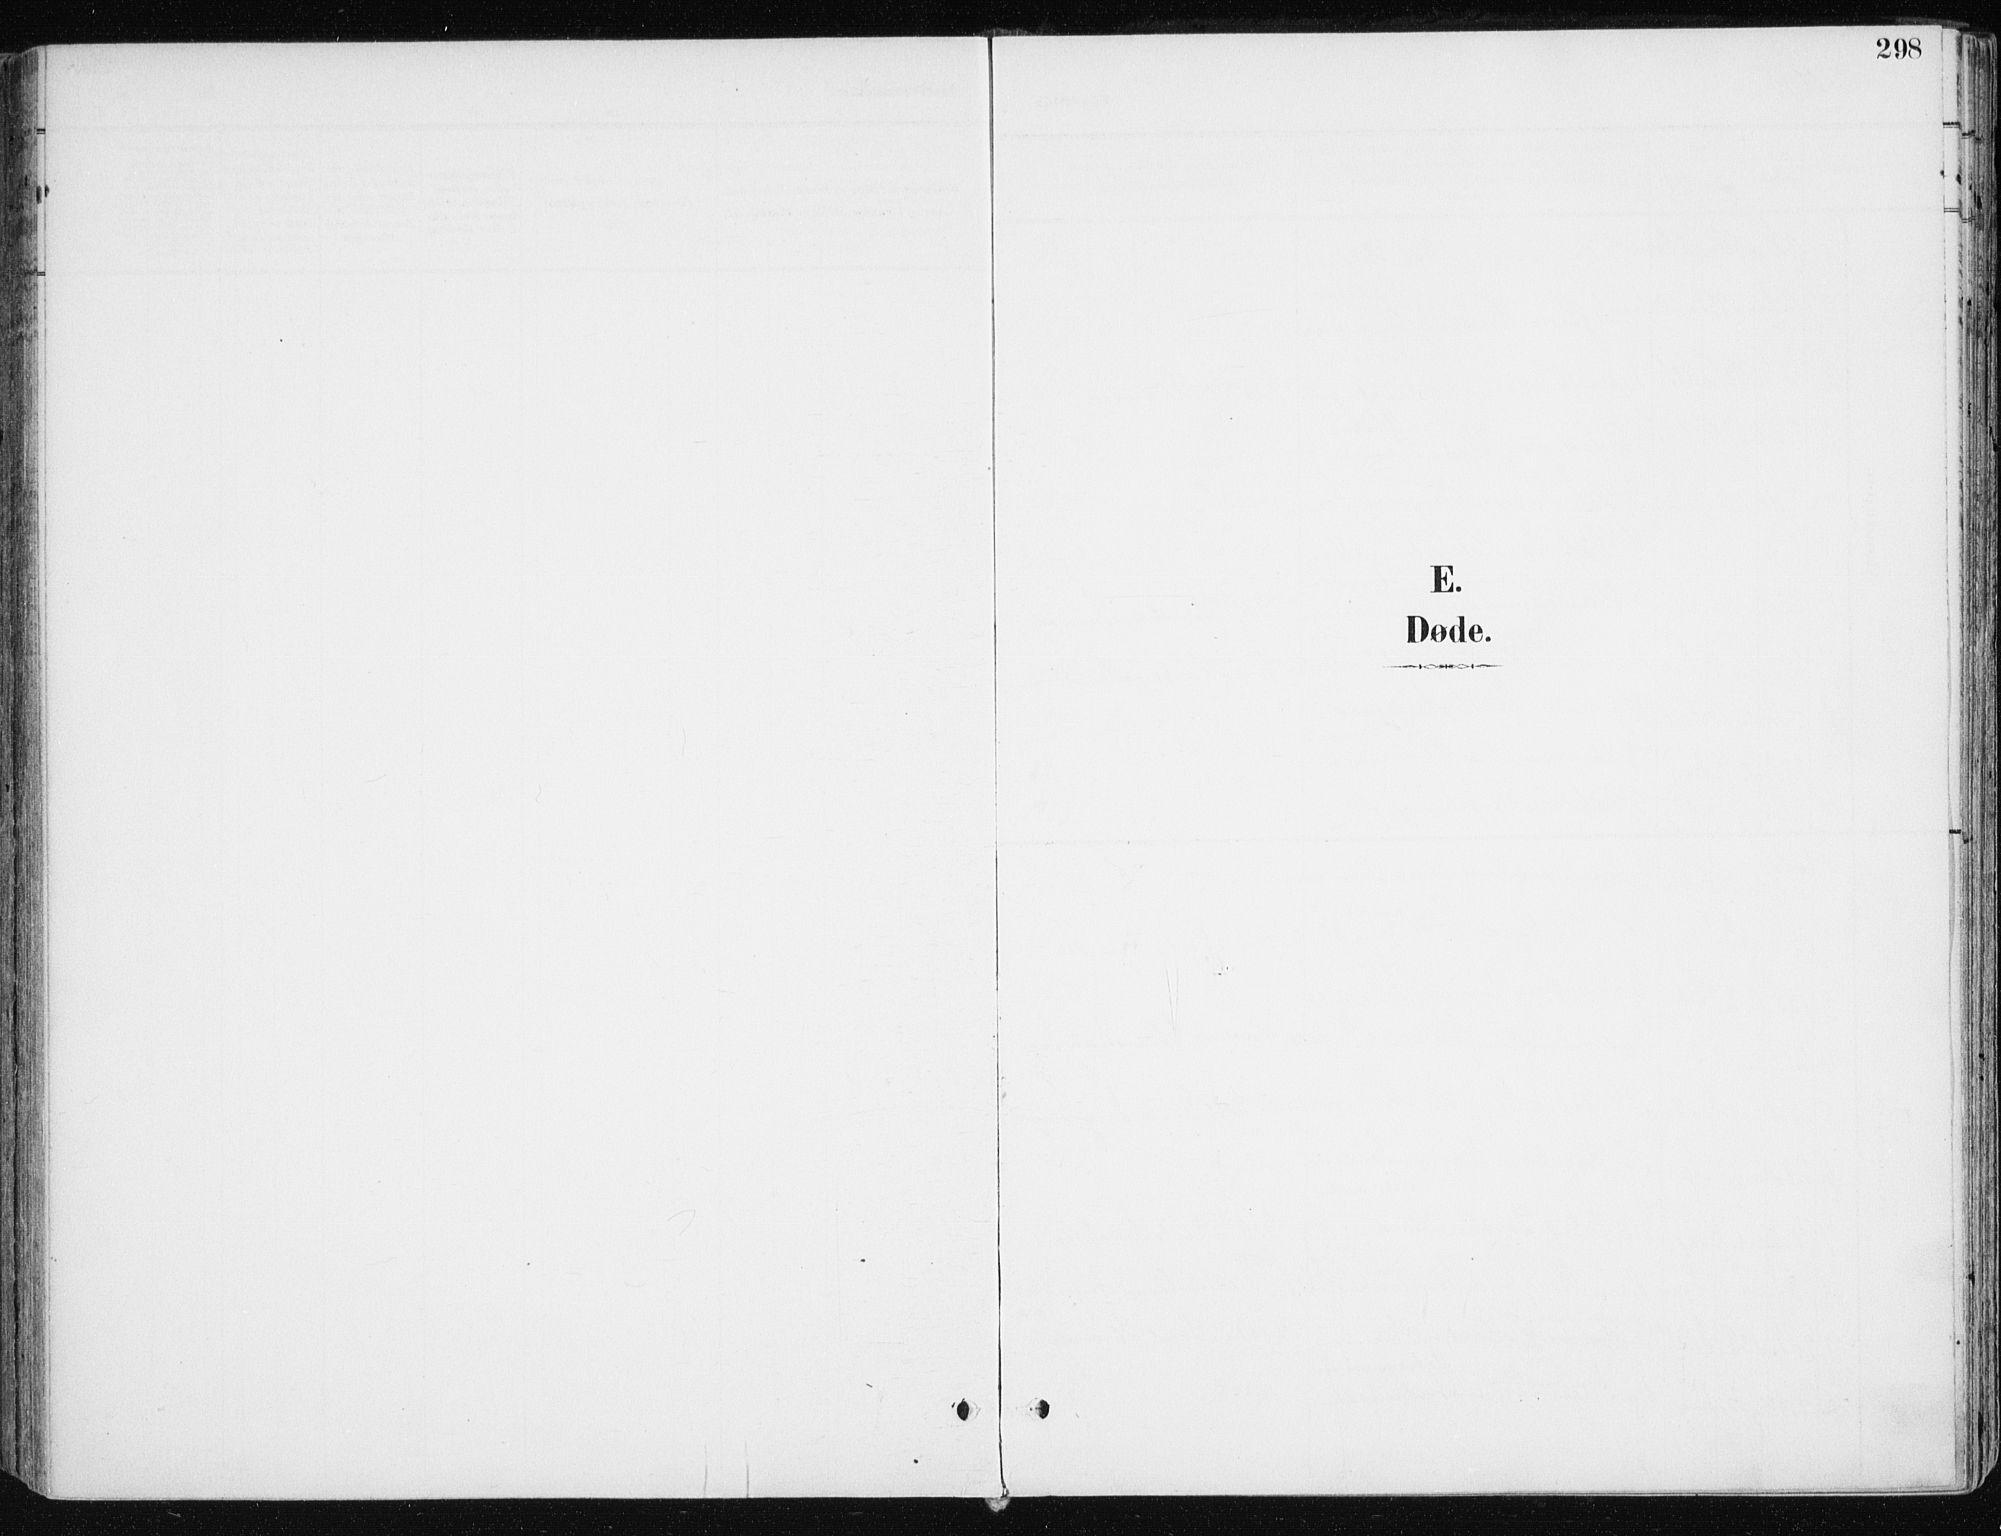 SATØ, Kvæfjord sokneprestkontor, G/Ga/Gaa/L0006kirke: Ministerialbok nr. 6, 1895-1914, s. 298